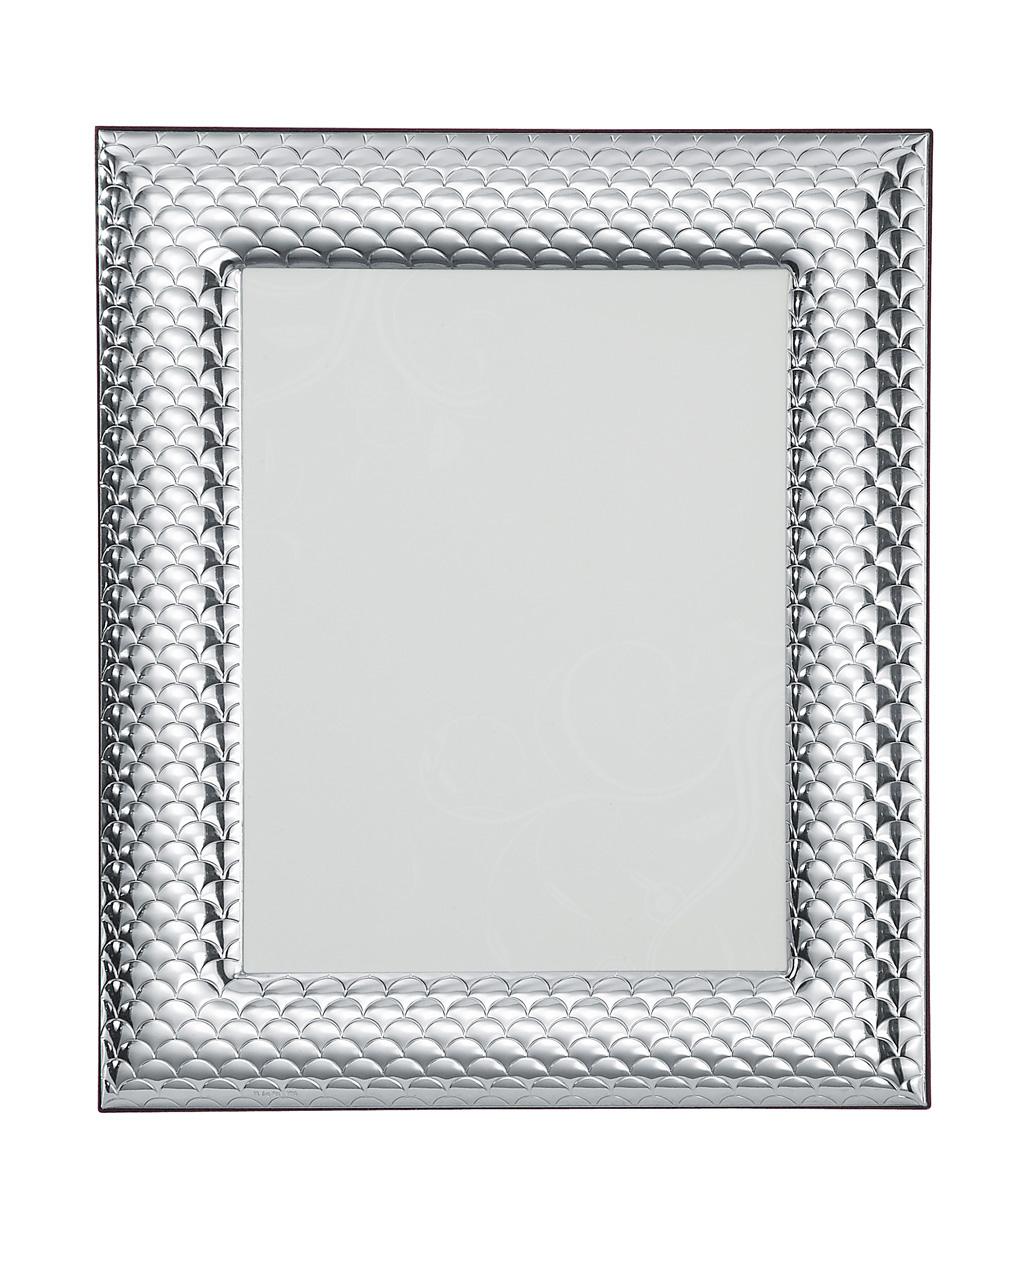 GBG Κορνίζα ασημένια 925 13x18 DK03362   γαμοσ αντικείμενα γάμου